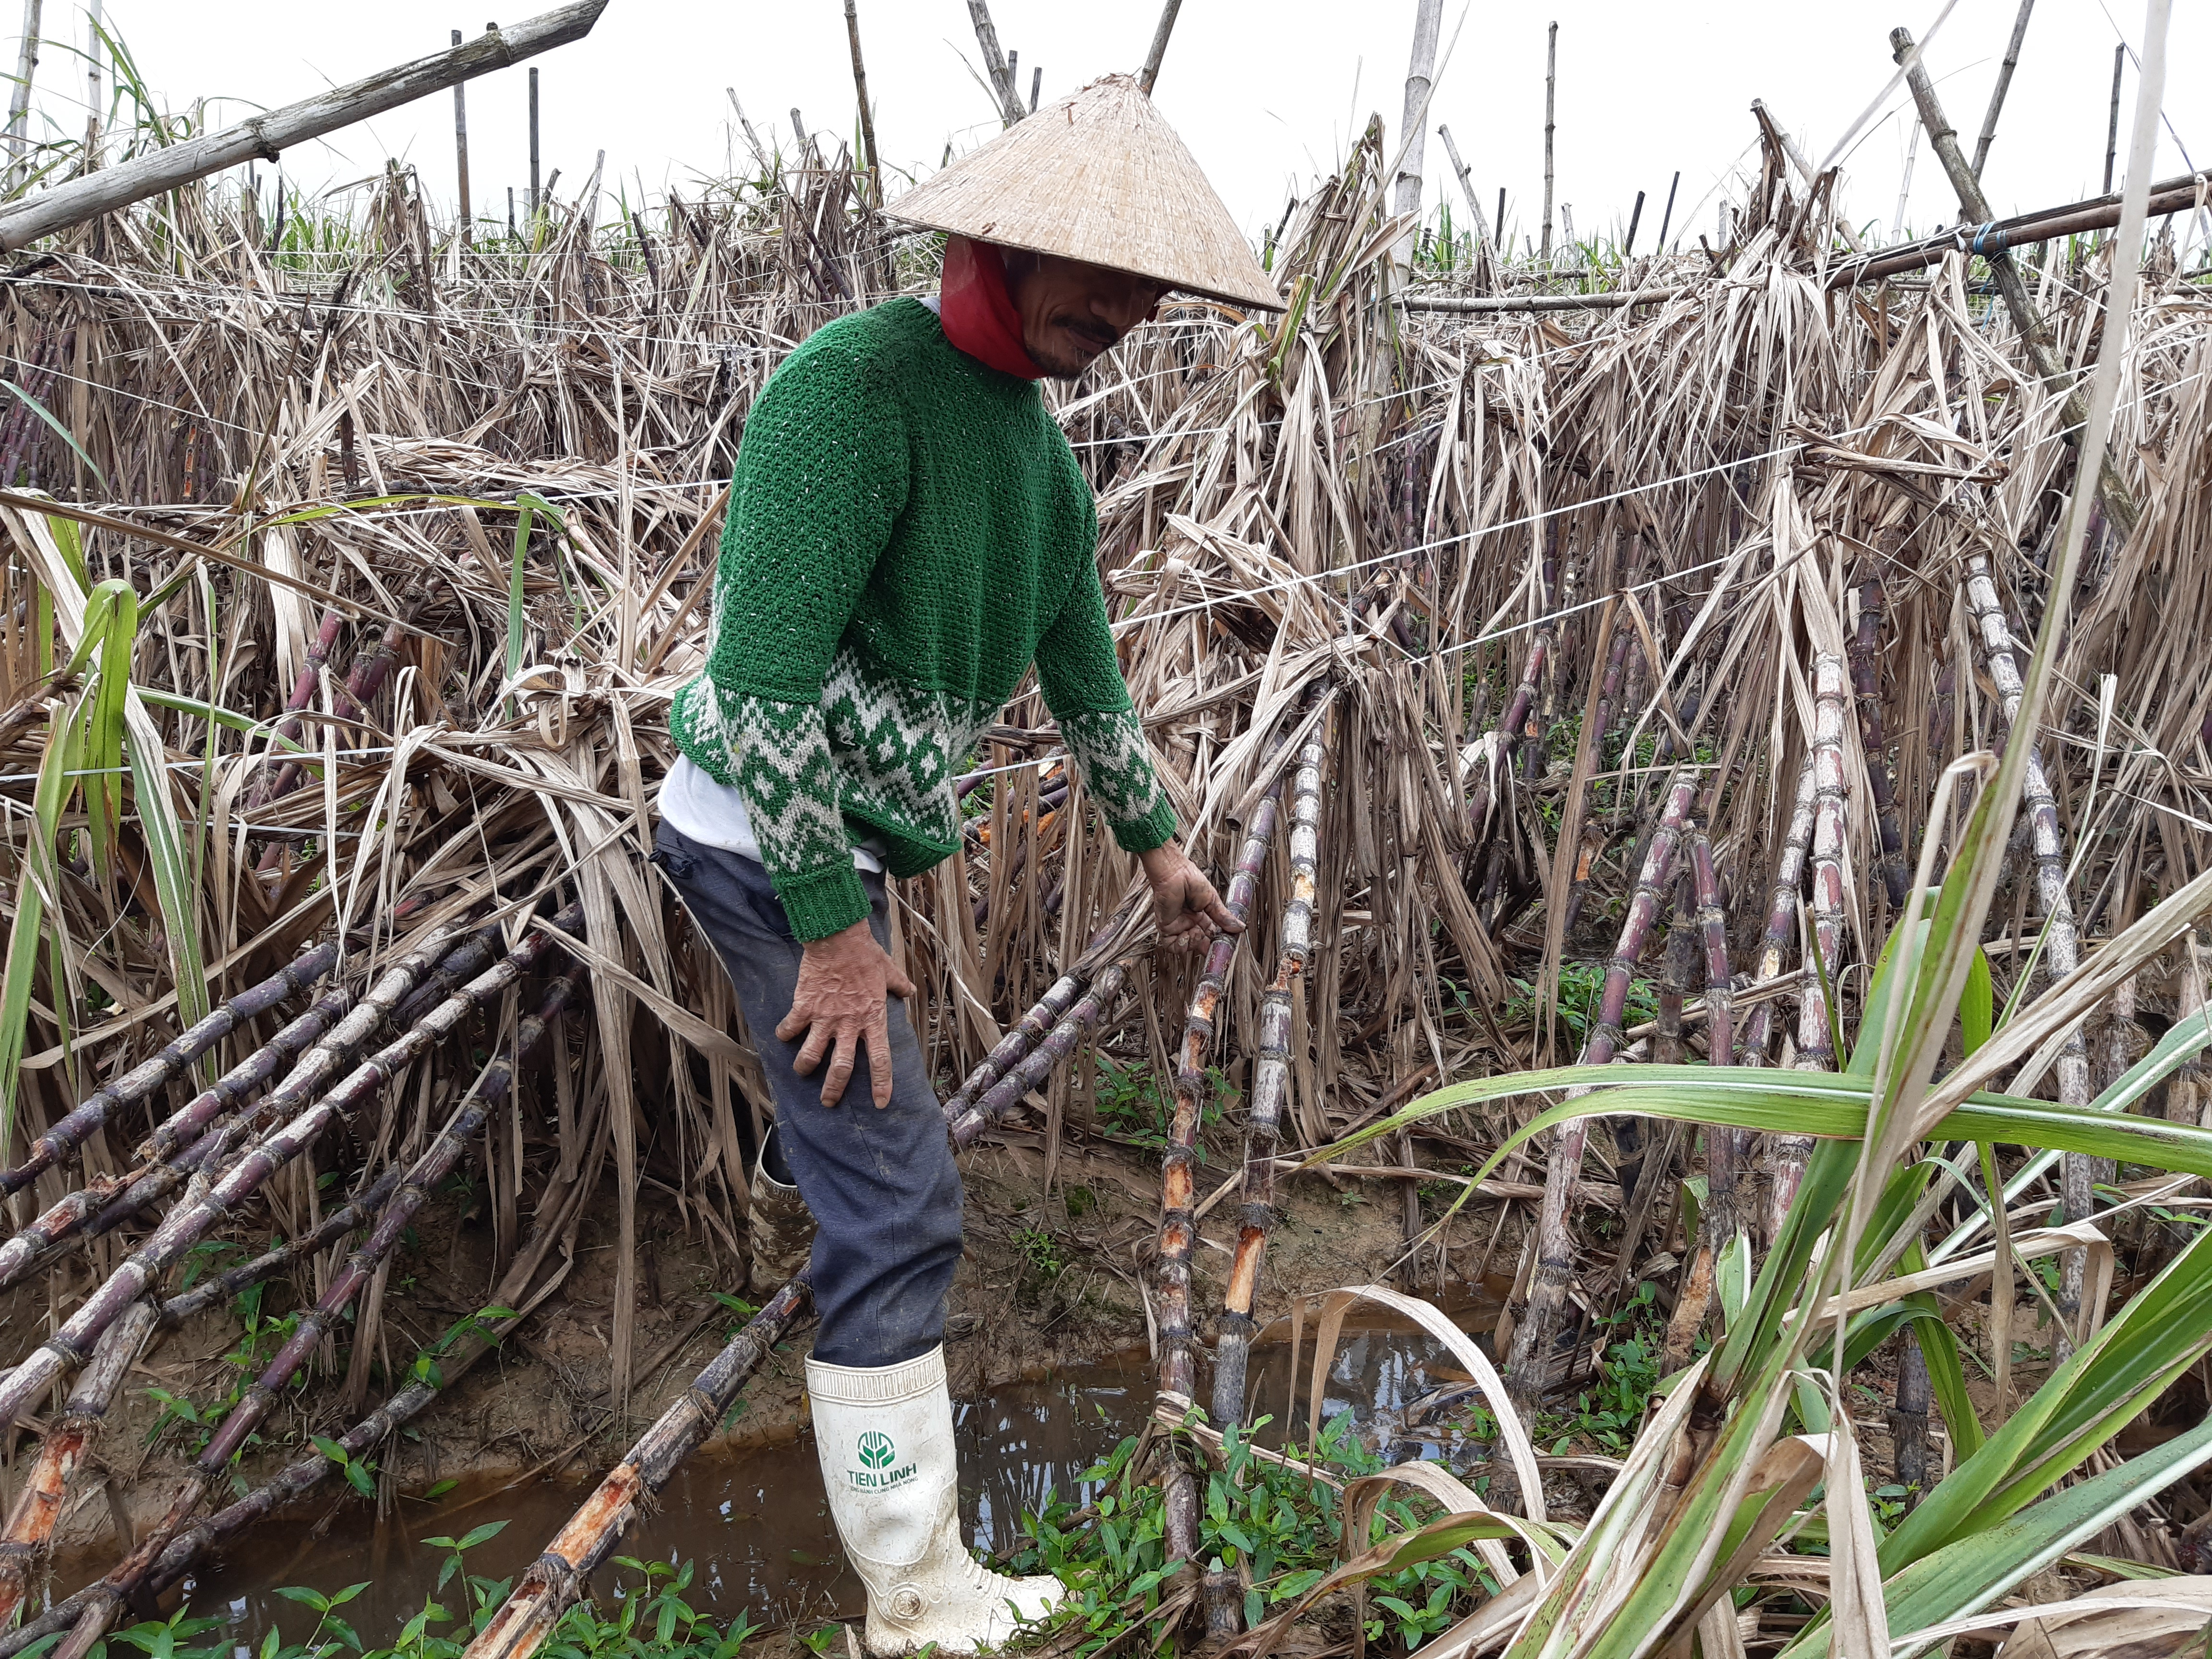 Người dân xã Quảng Phú trên cánh đồng mía.